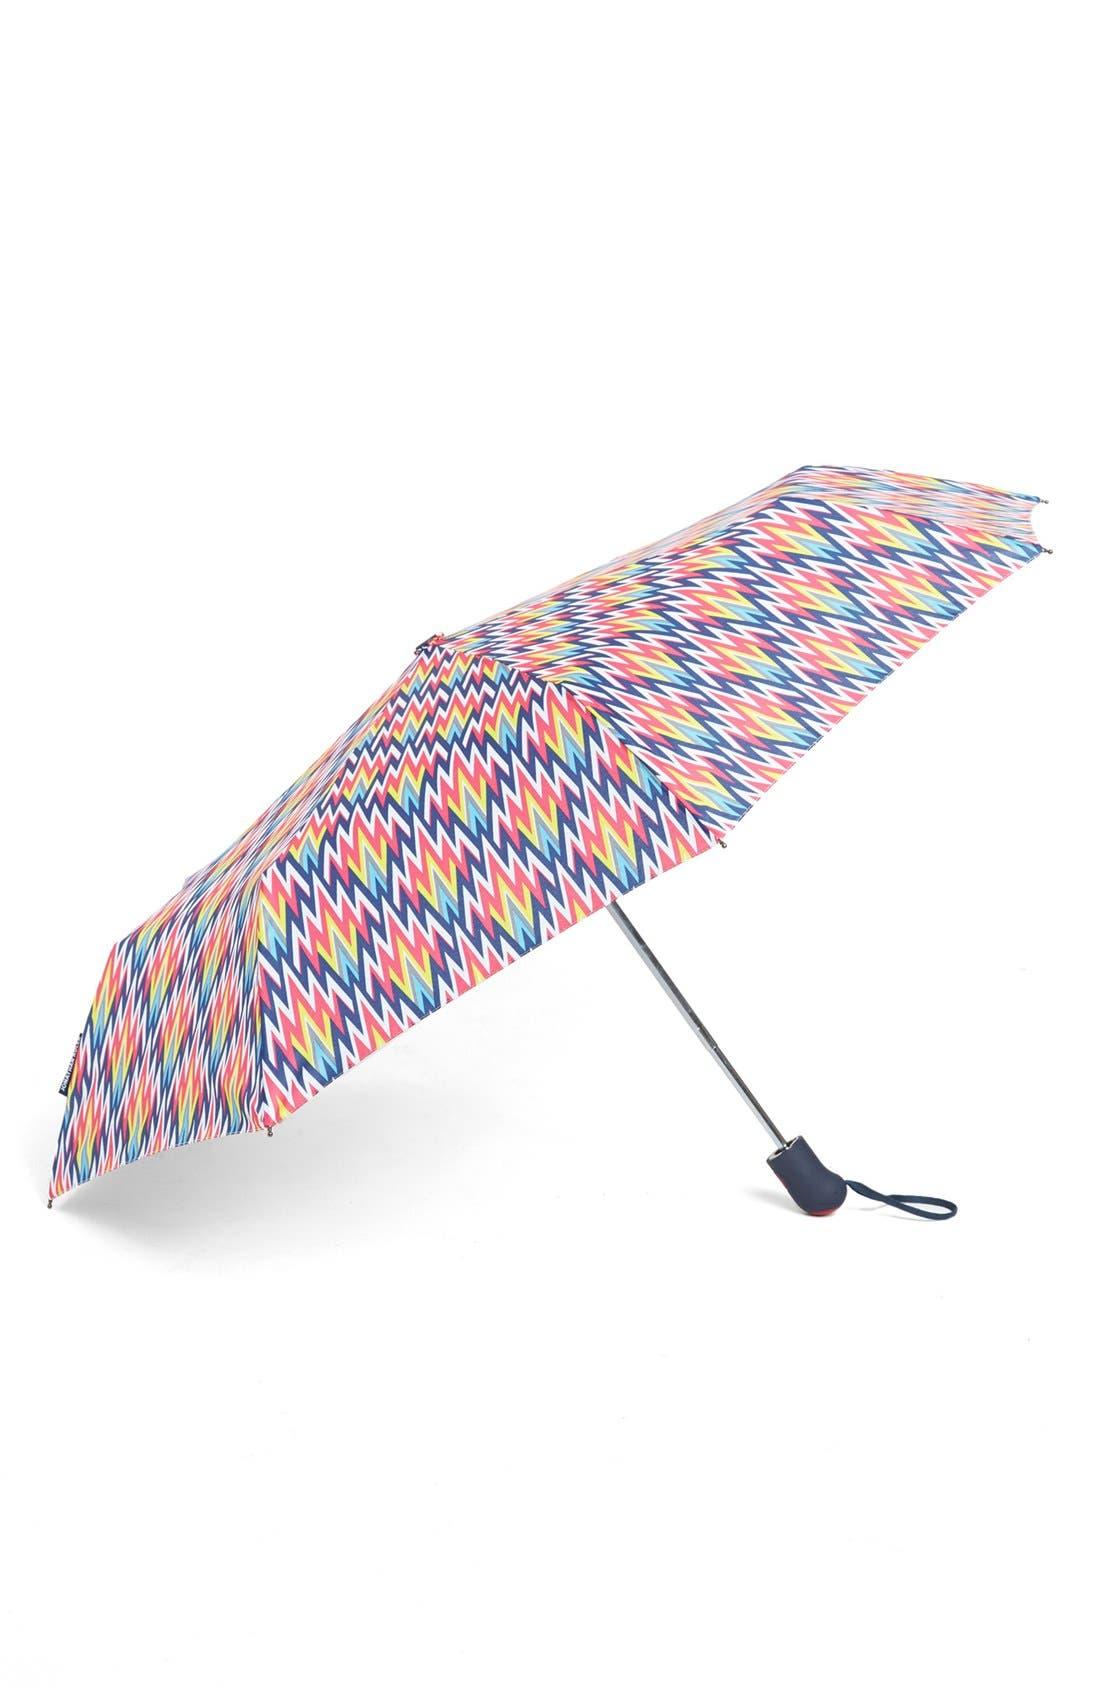 Main Image - Jonathan Adler 'Dunbar Road' Umbrella